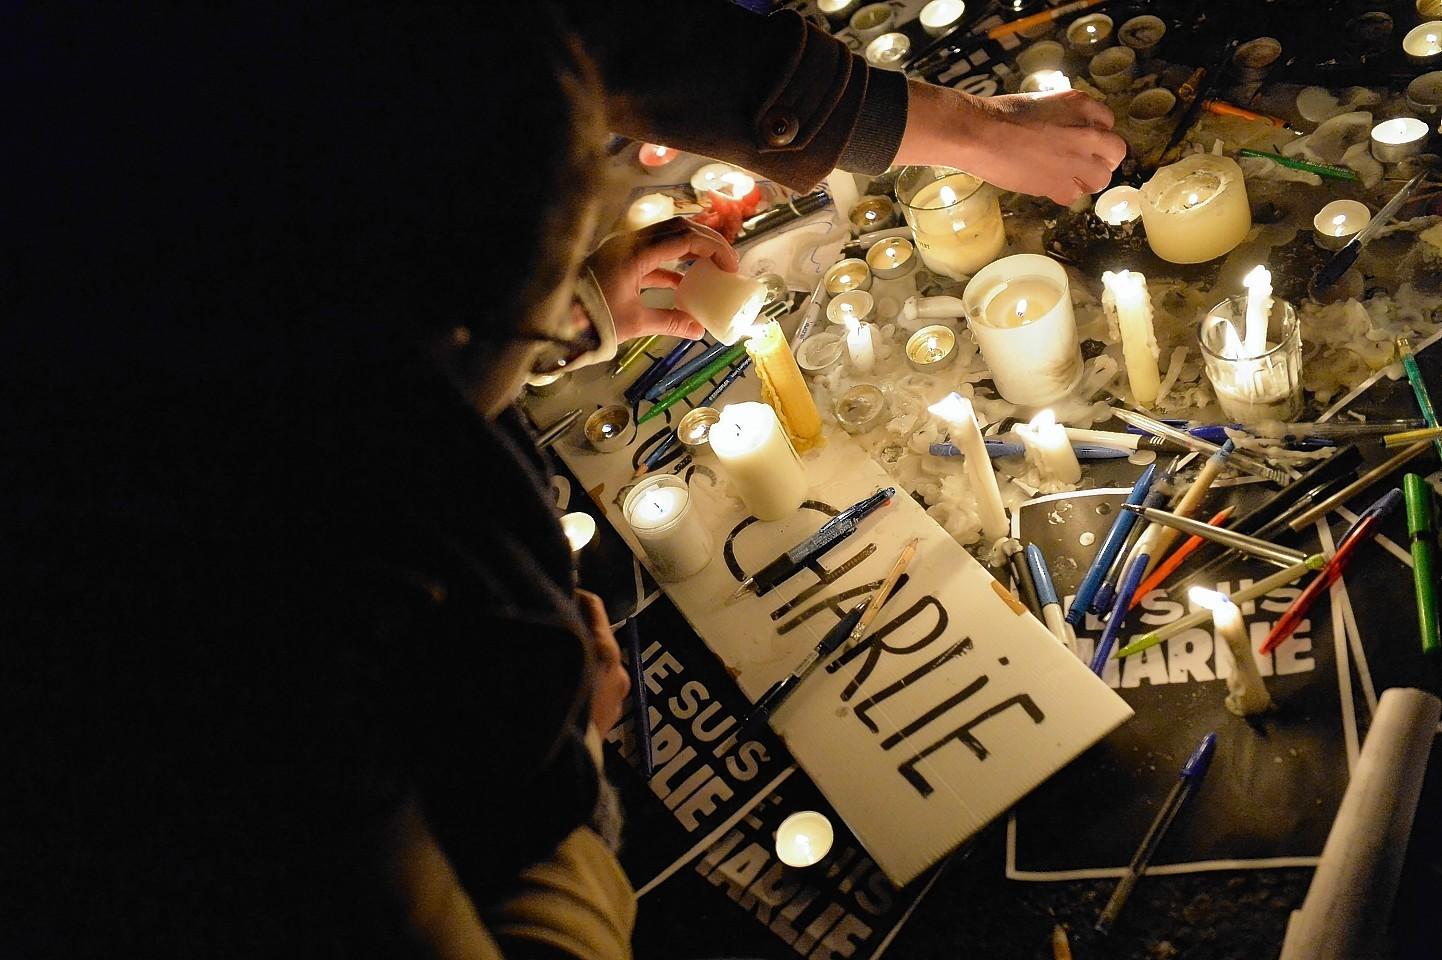 Tributes at Place de la Republique in Paris